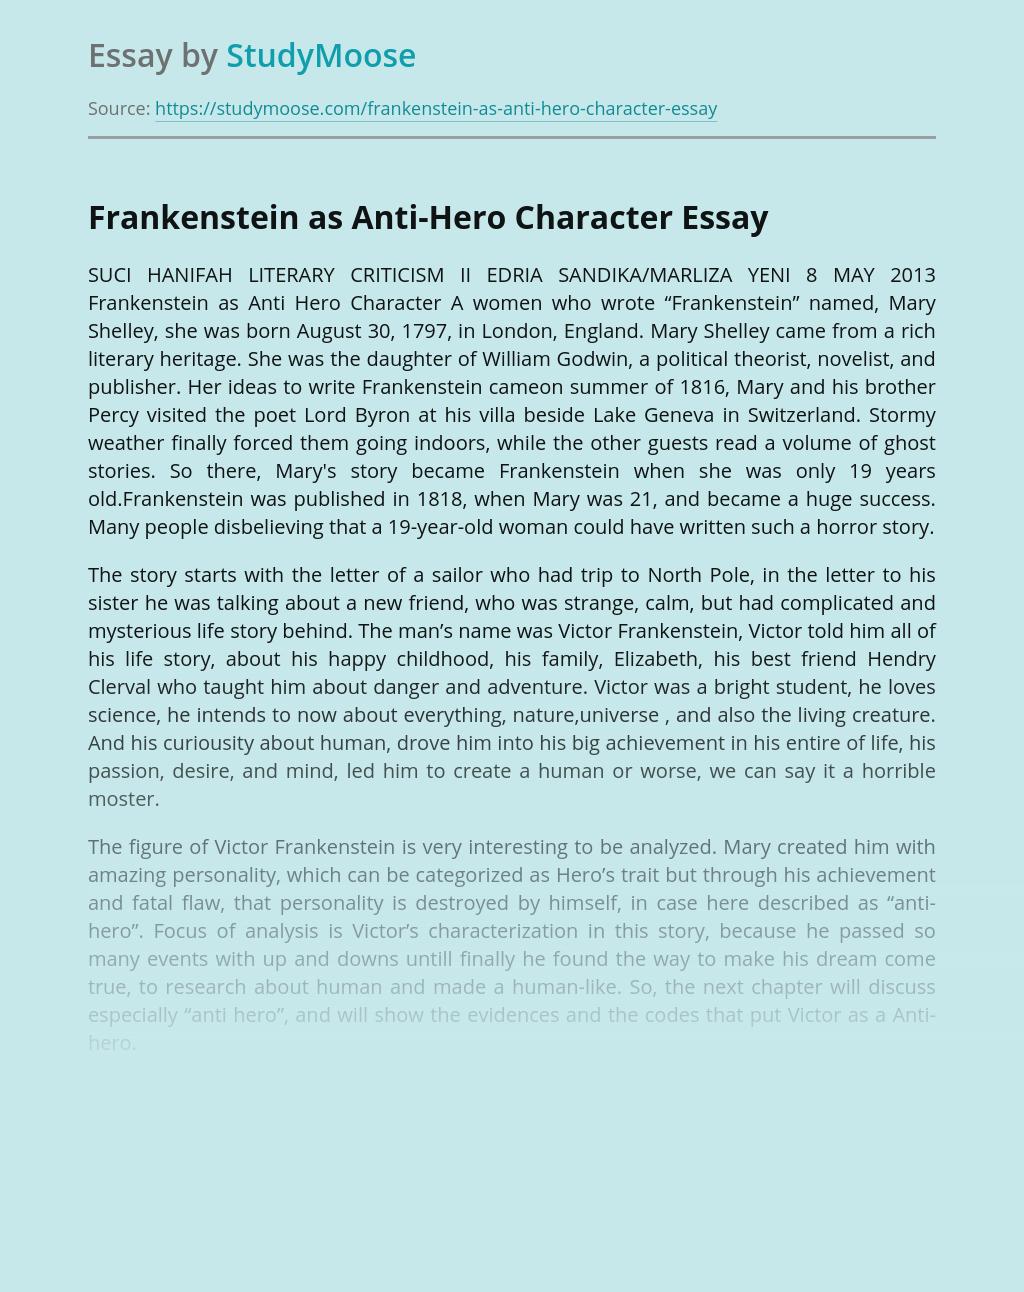 Frankenstein as Anti-Hero Character